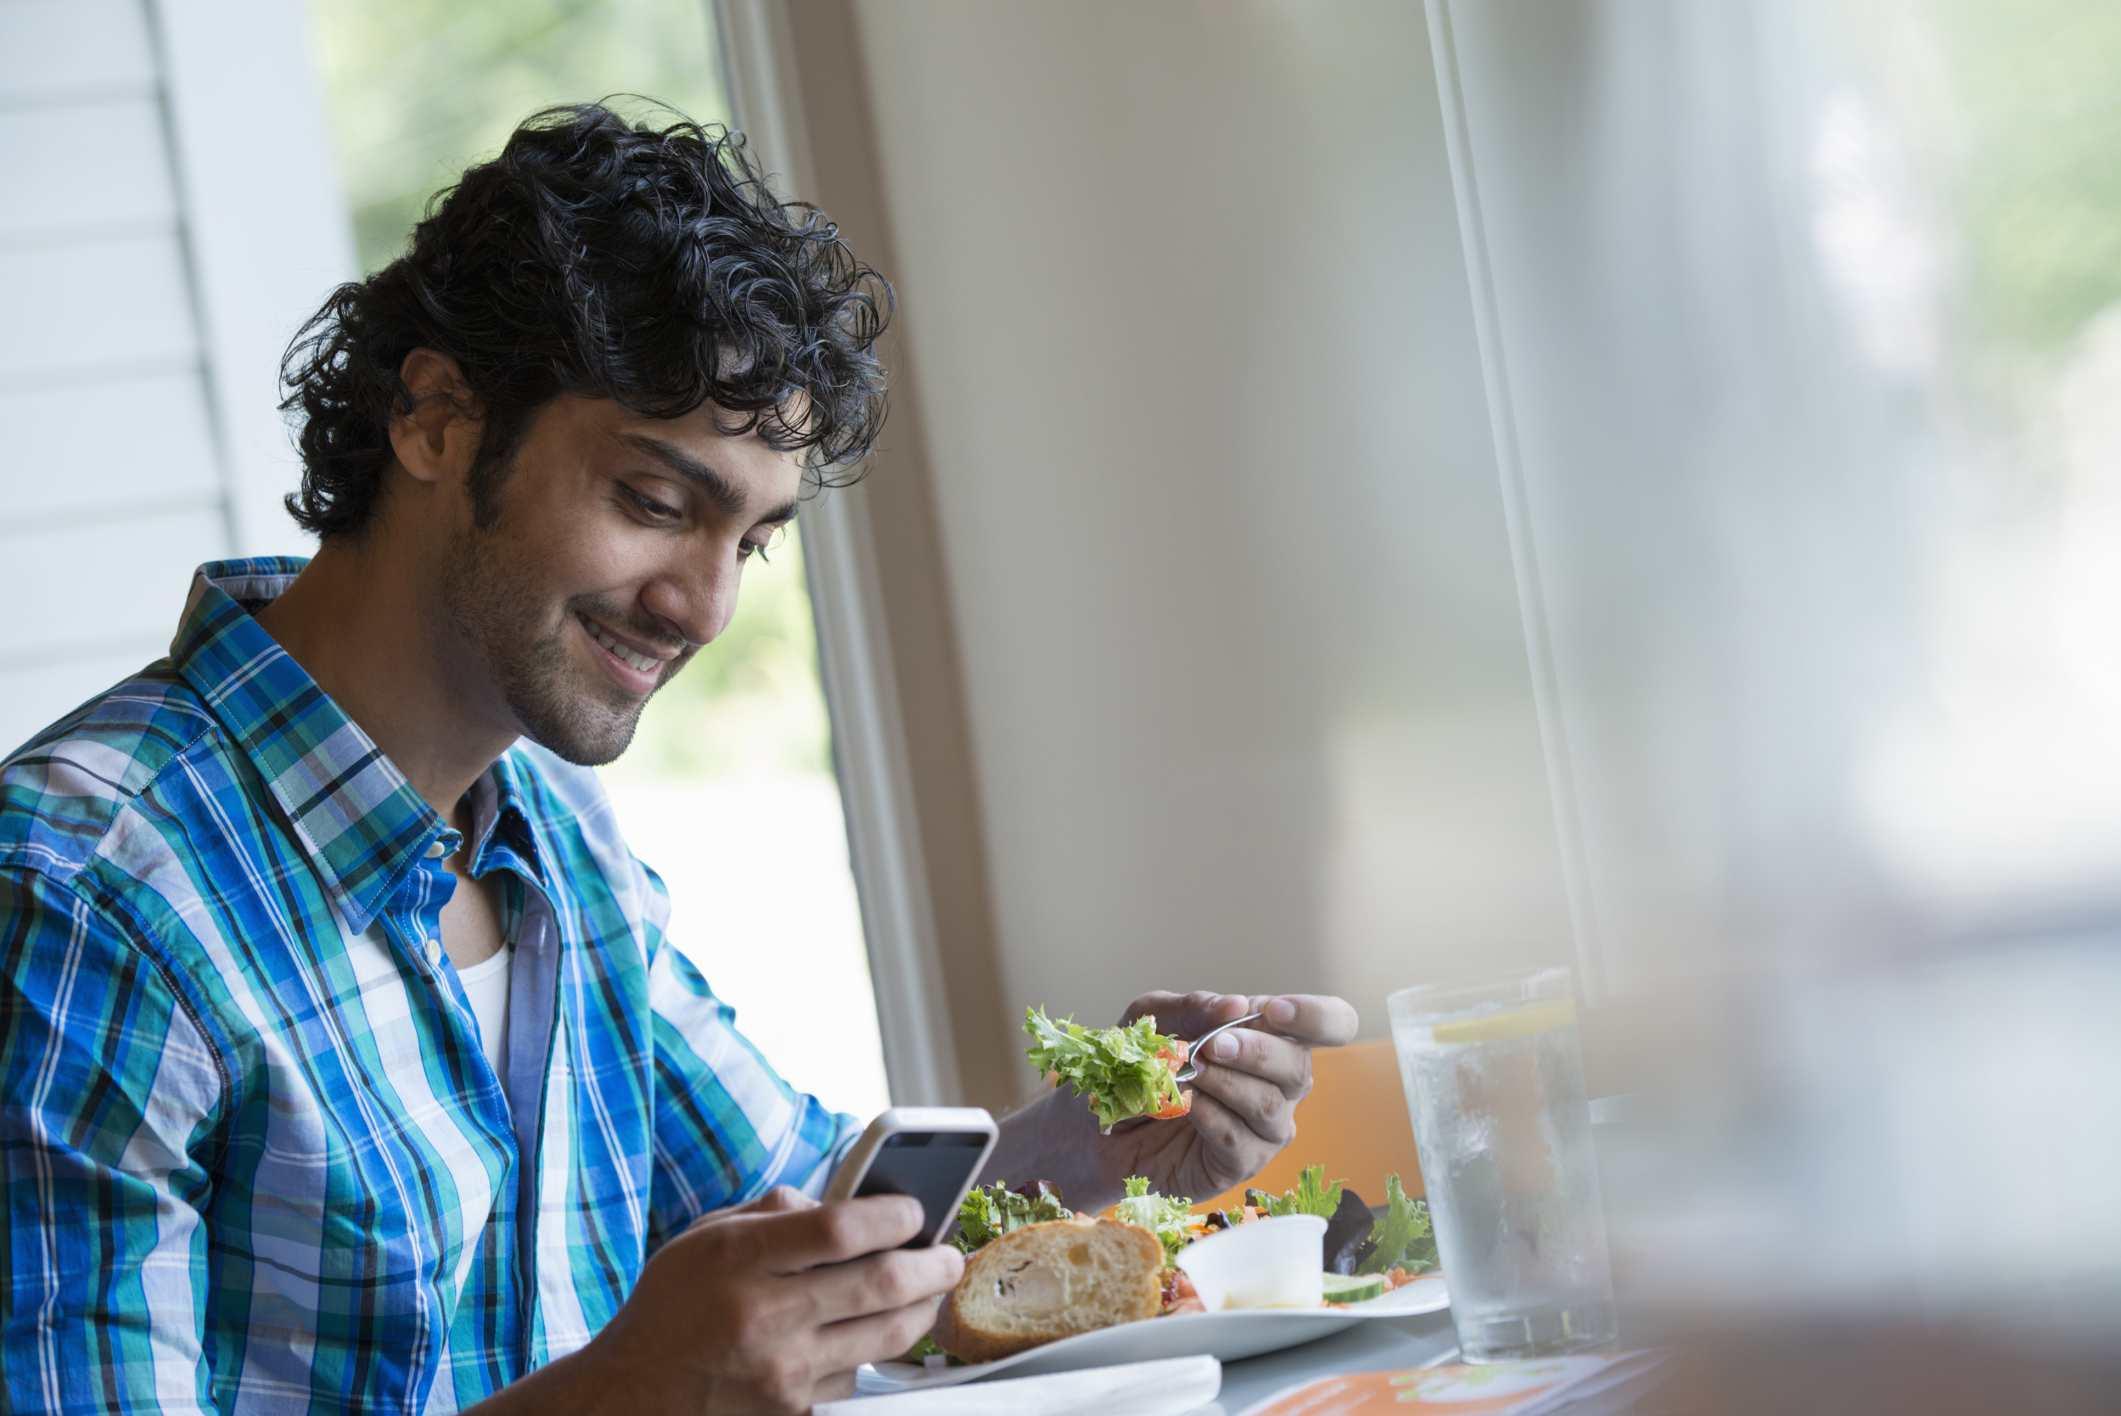 Hombre universitario comiendo y usando teléfono celular.